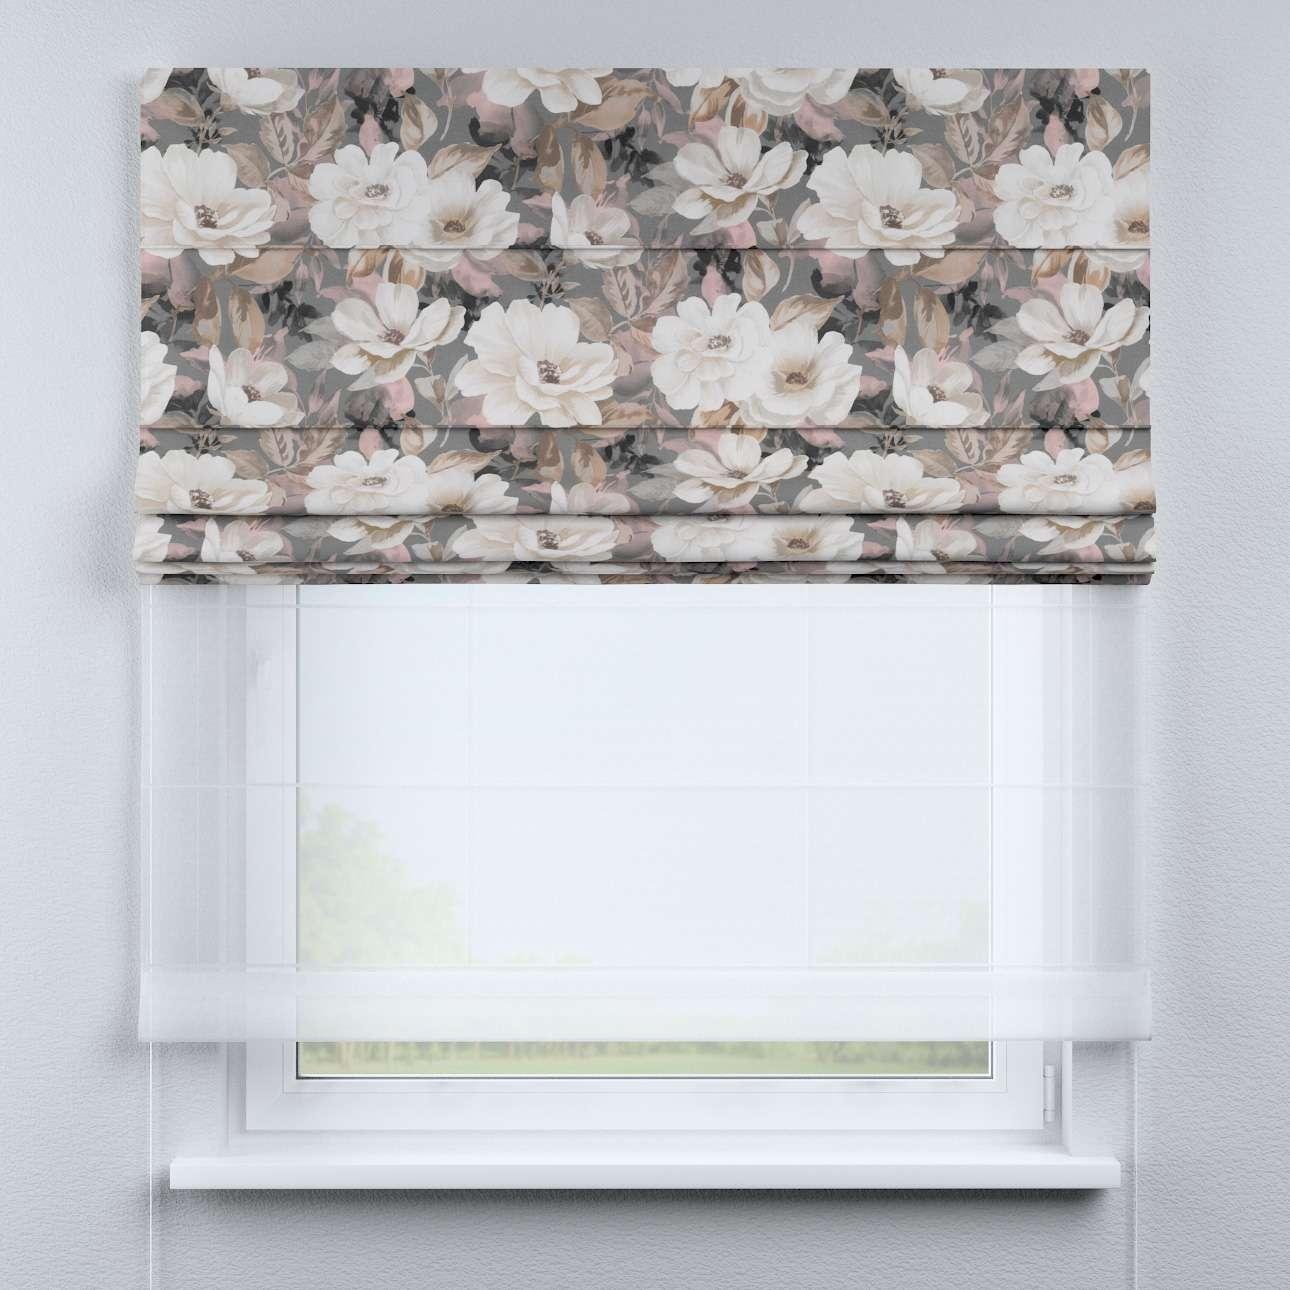 Vouwgordijn Duo van de collectie Gardenia, Stof: 142-13